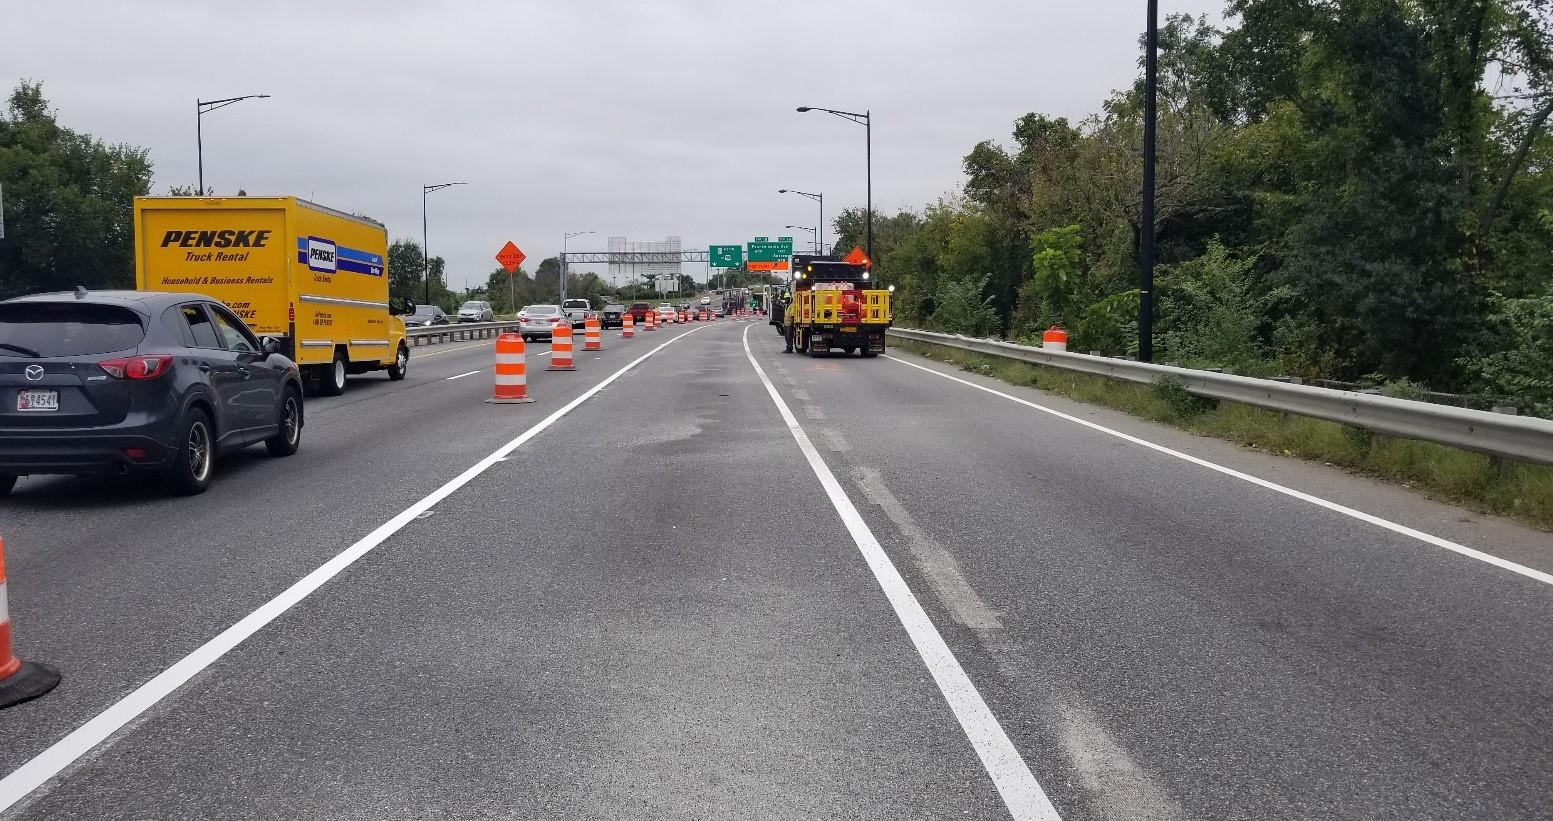 Marking Lane Closures